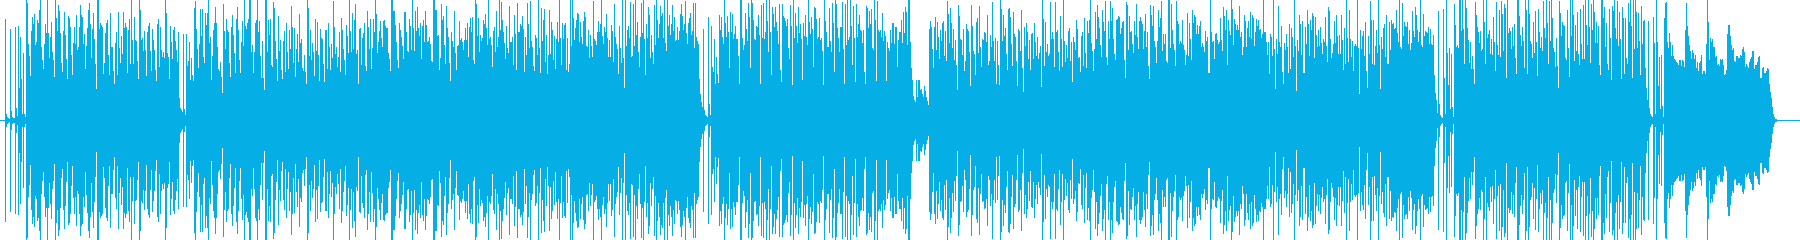 パーカッションが心地よいナチュラル音楽の再生済みの波形